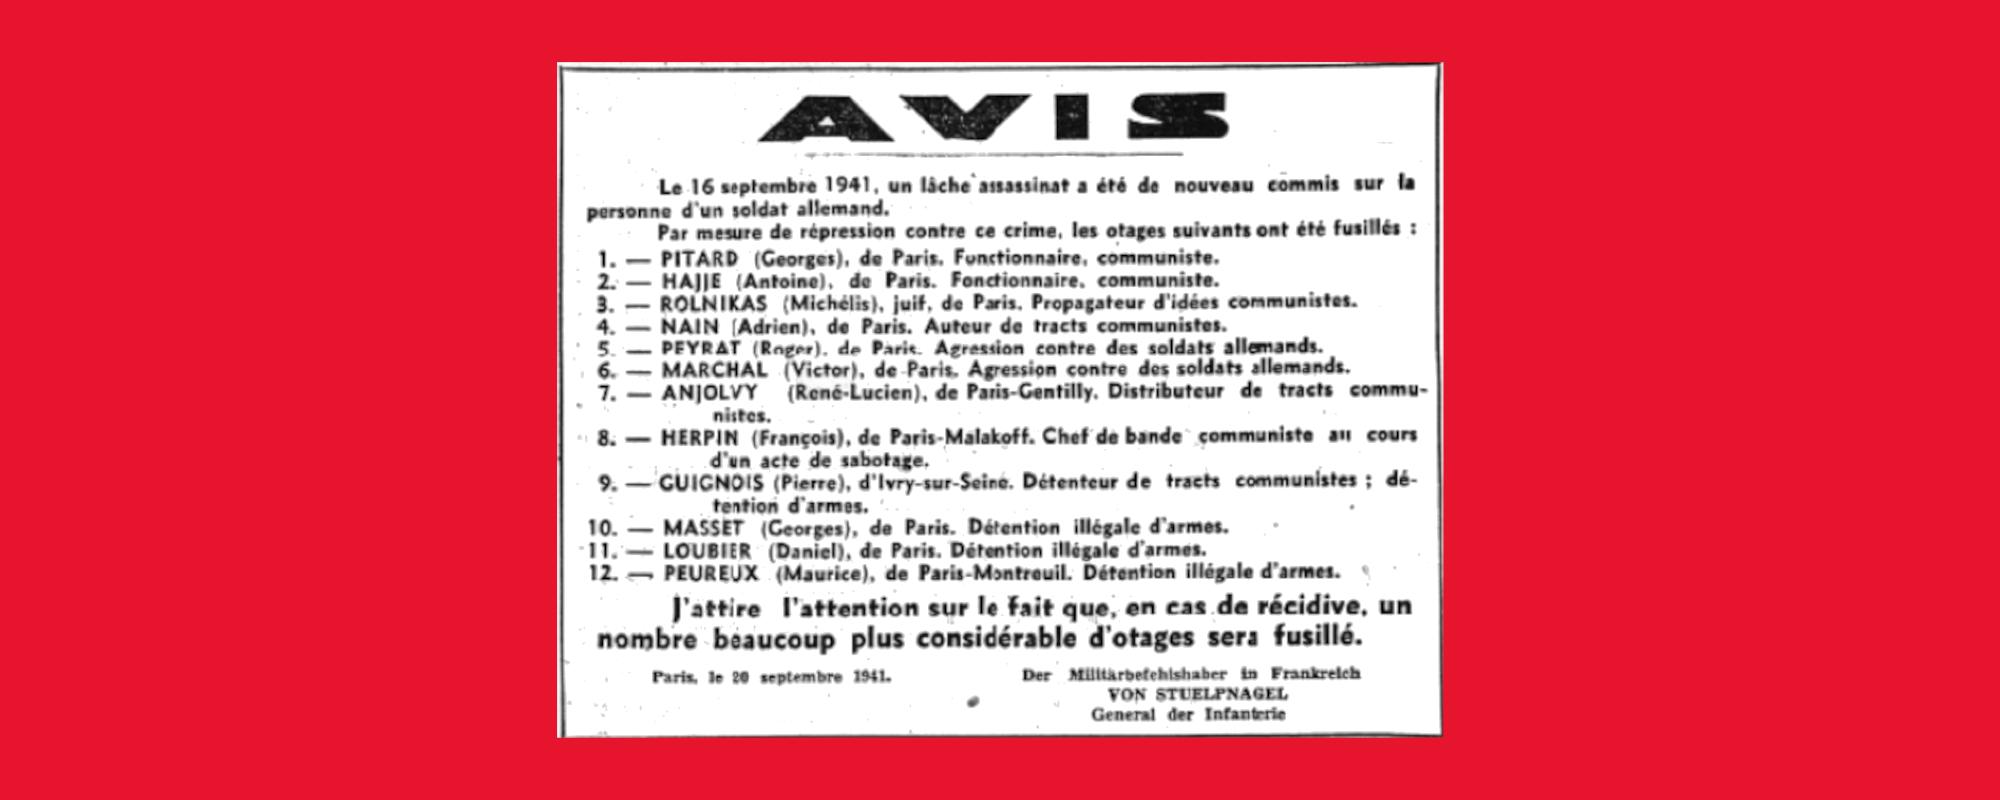 La politique des otages en France sous l'Occupation. 80e anniversaire des premières exécutions d'otages.